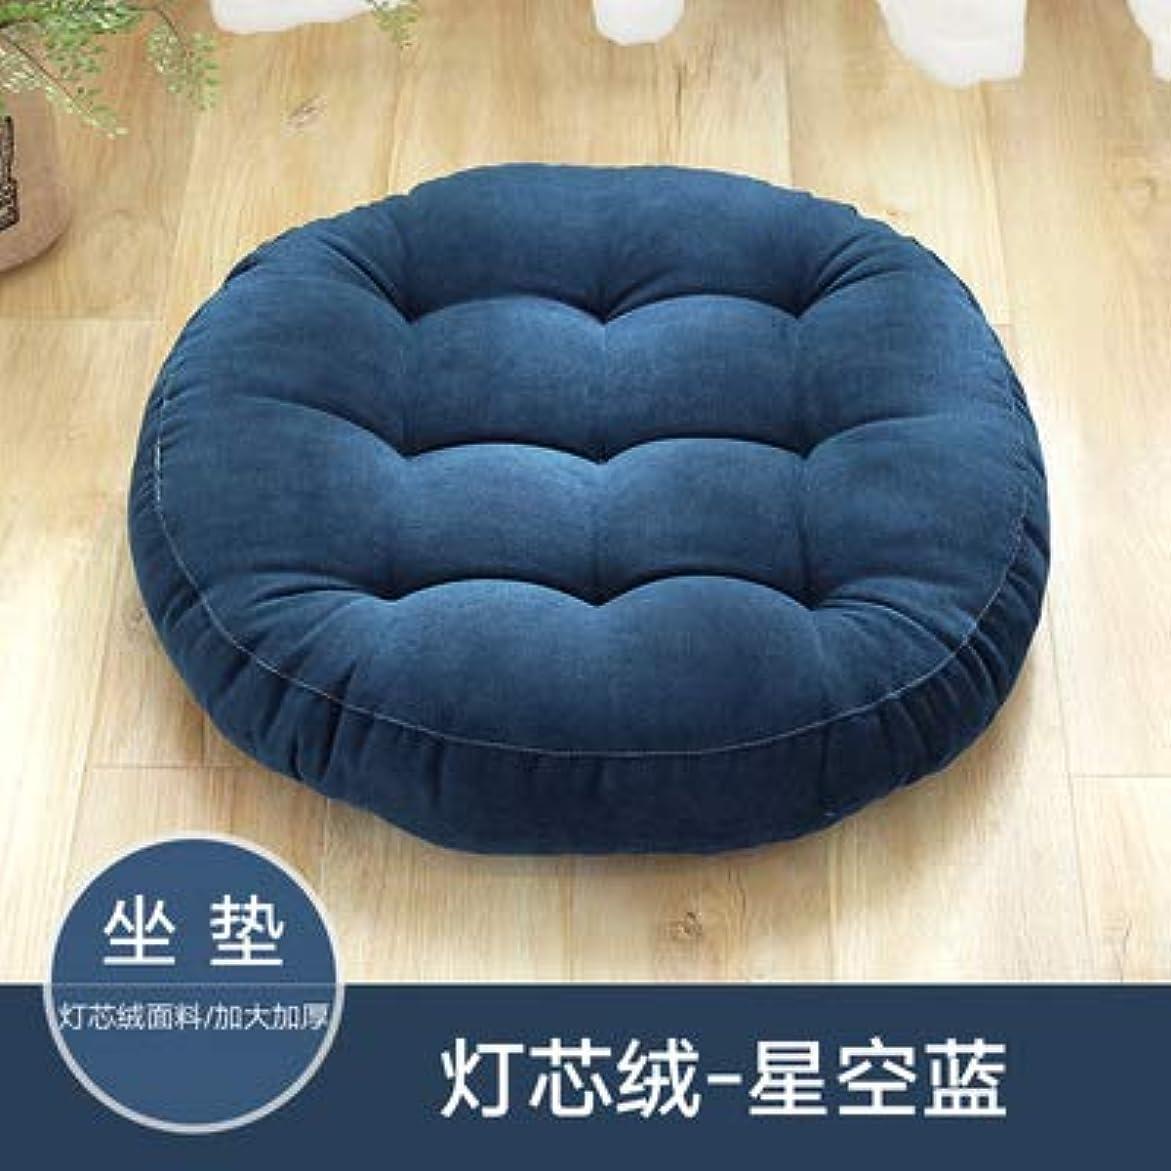 カリングカウント無謀LIFE ラウンド厚い椅子のクッションフロアマットレスシートパッドソフトホームオフィスチェアクッションマットソフトスロー枕最高品質の床クッション クッション 椅子